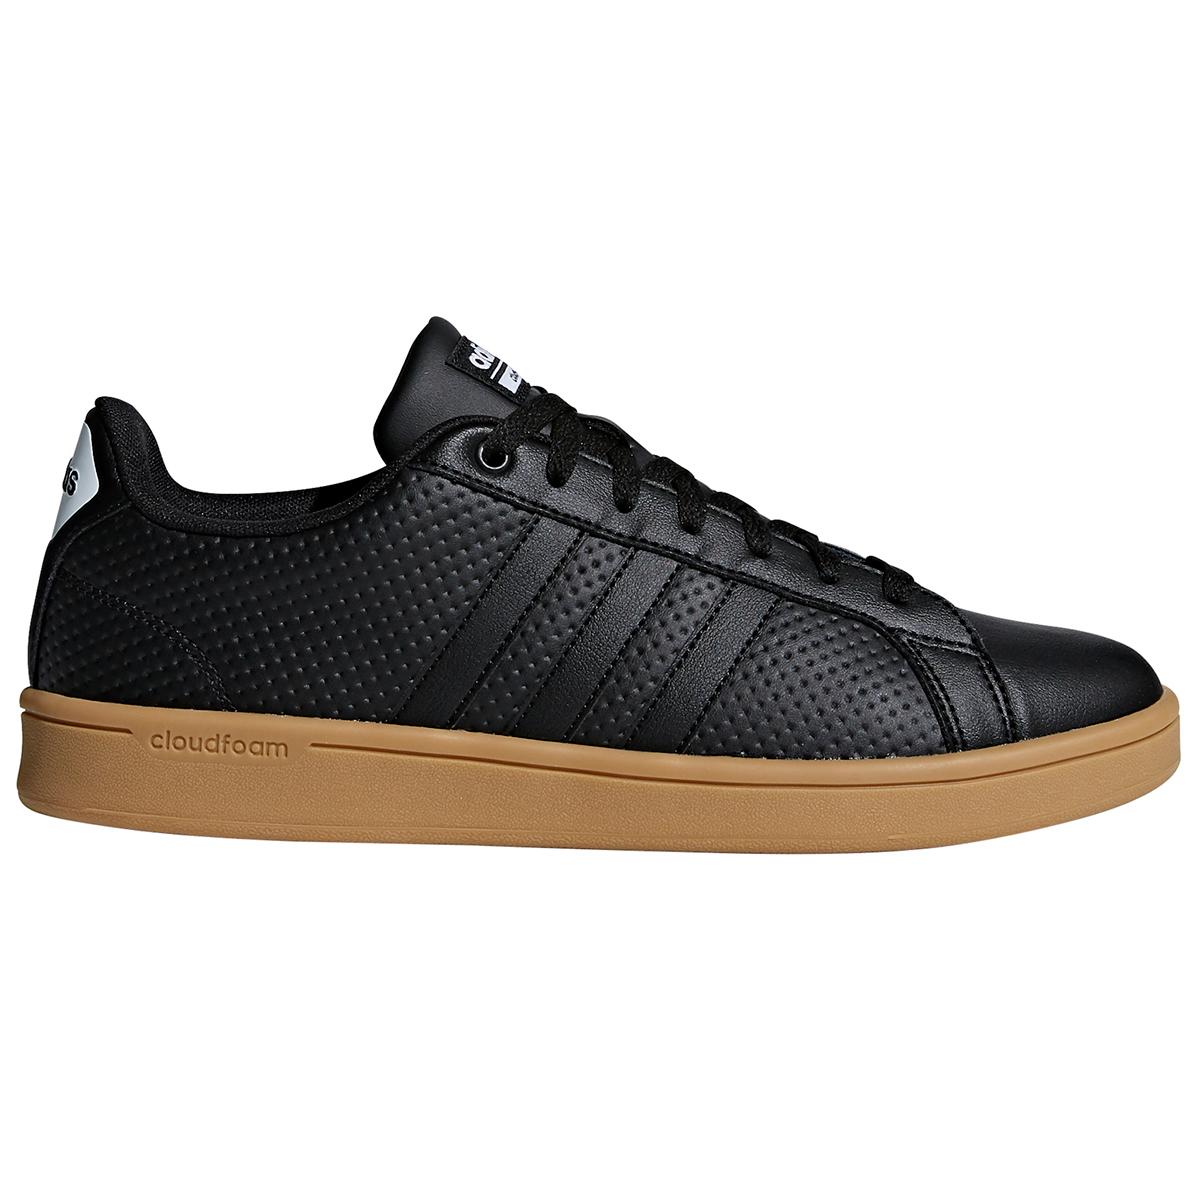 Adidas Men's Cloudfoam Advantage Skate Shoes - Black, 10